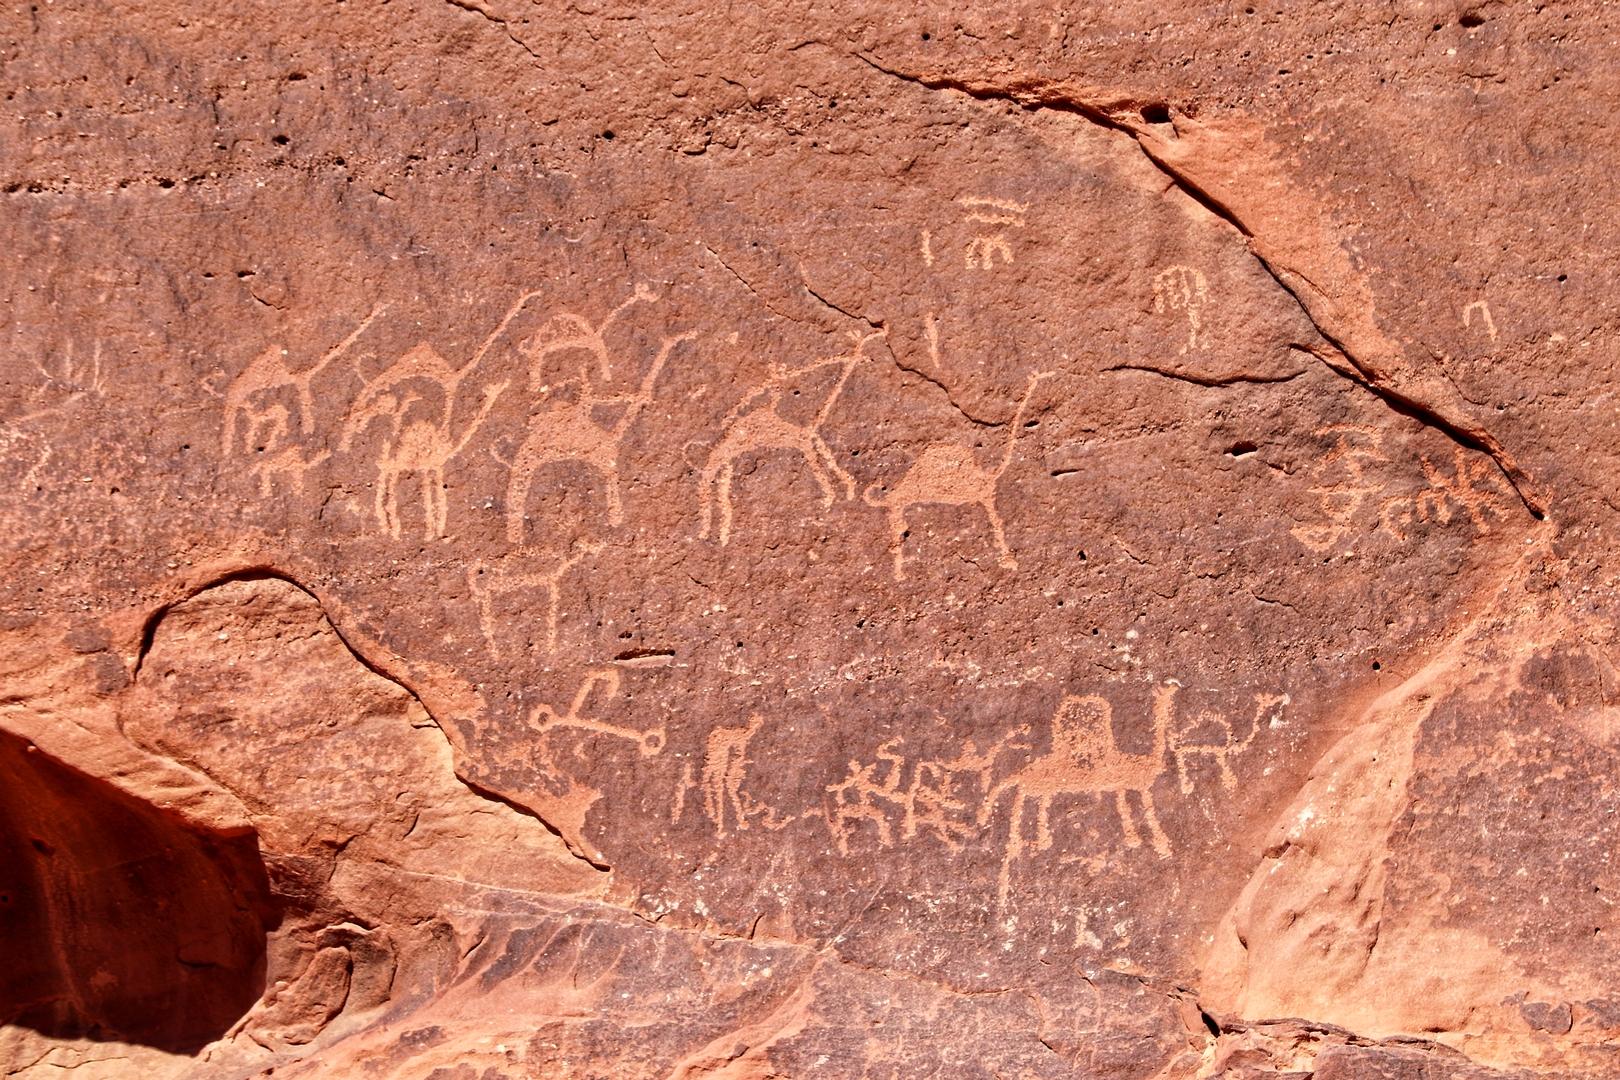 Jordanie - Gravures rupestres dans le désert de Wadi Rum